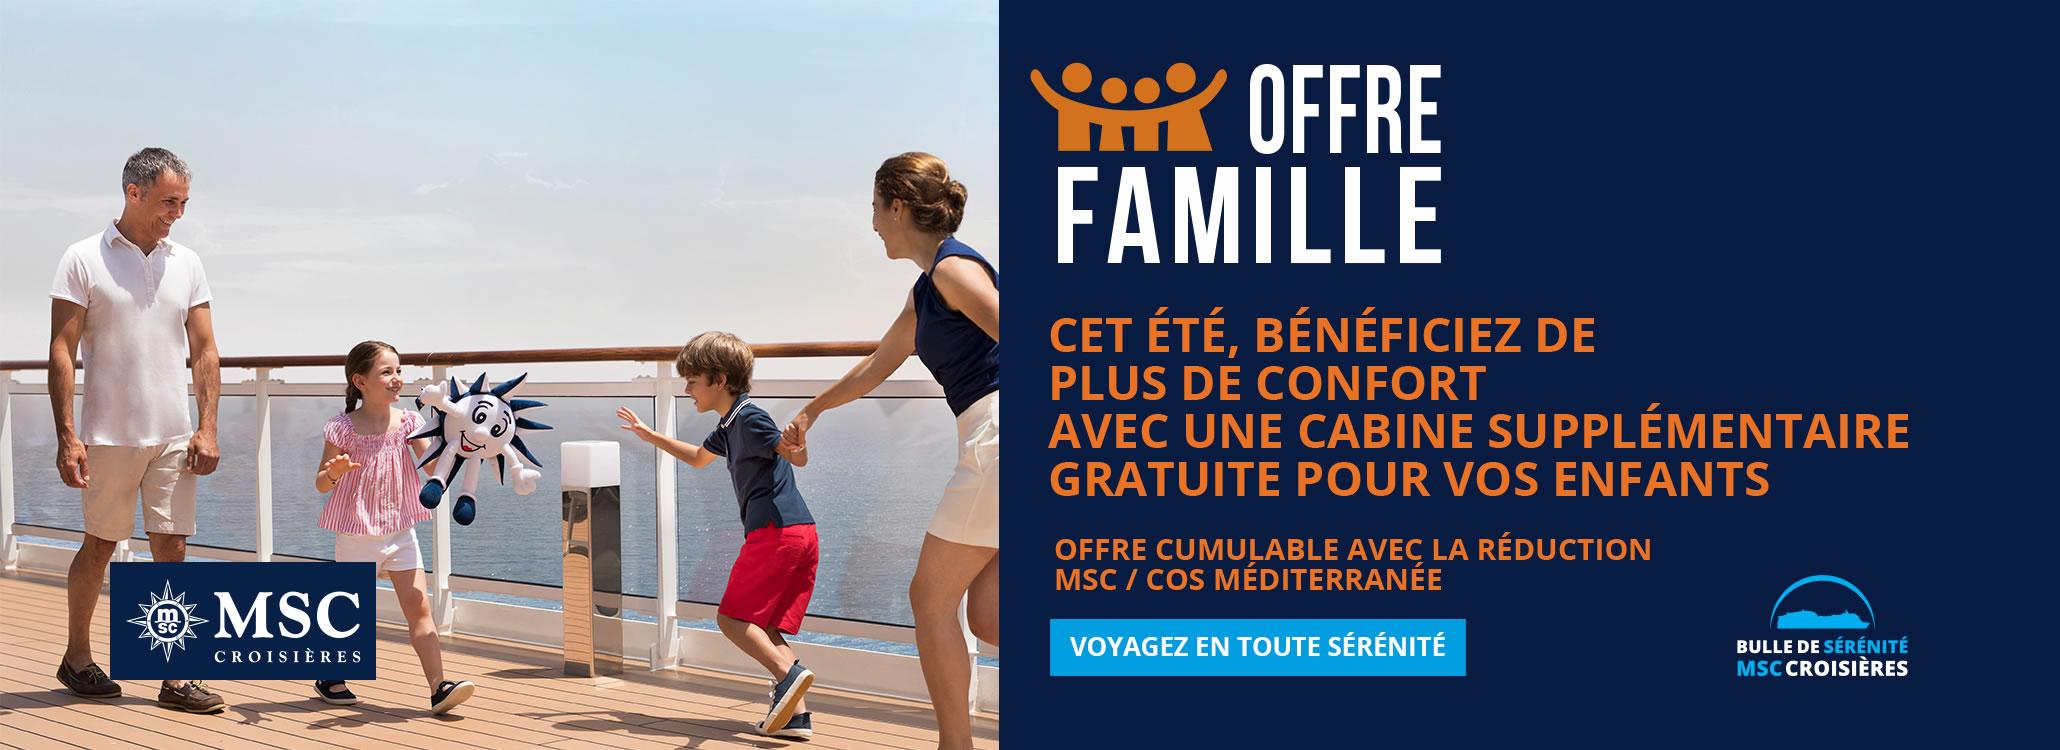 MSC-croisieres_2060X750 - OFFRE FAMILLE